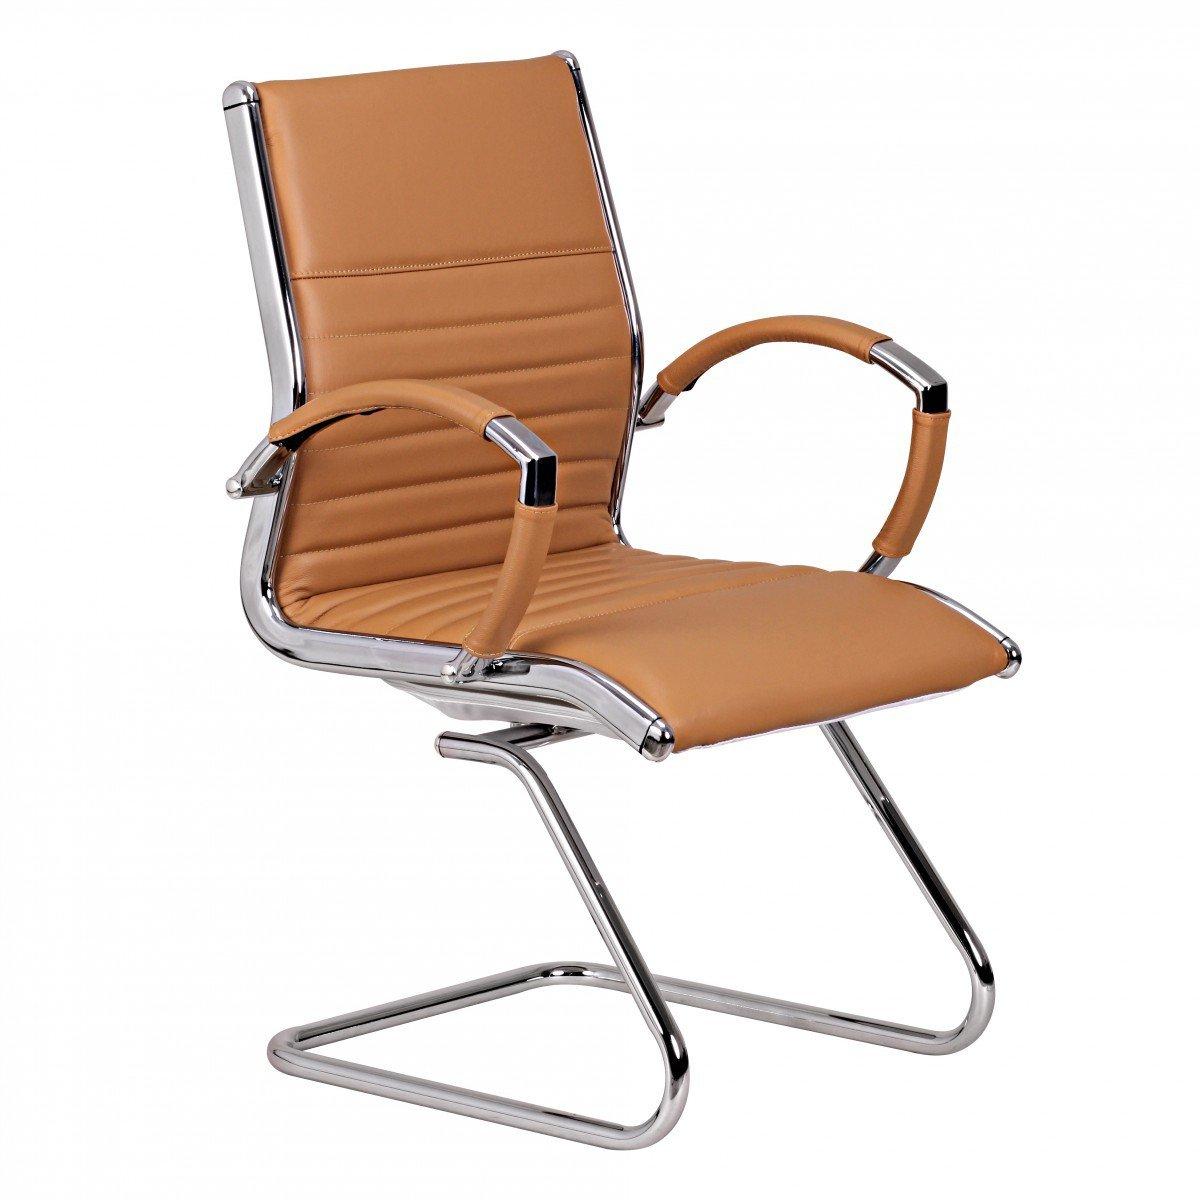 FineBuy Design Besucherstuhl Echt Leder Caramel für Büro   Konferenzstuhl mit Armlehnen - Bis 120 KG   Freischwinger Stuhl ergonomisch gepolstert